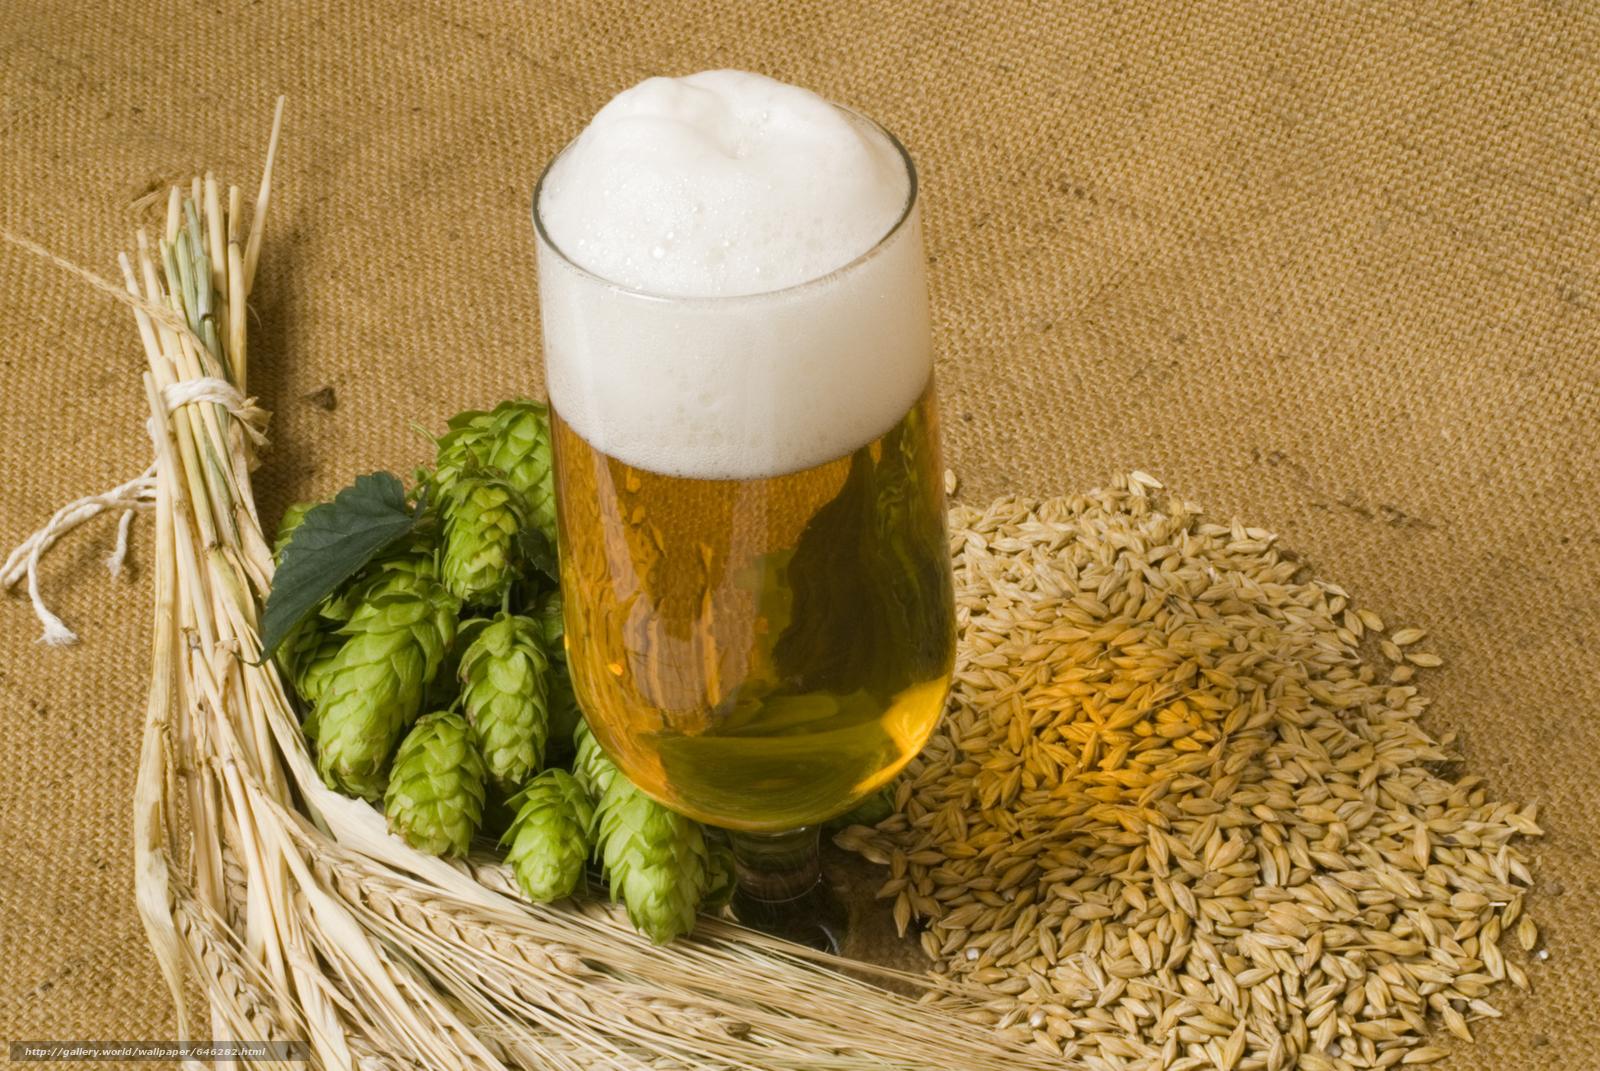 Хмелёфф - пиво в кегах, разливное пиво, живое пиво 78